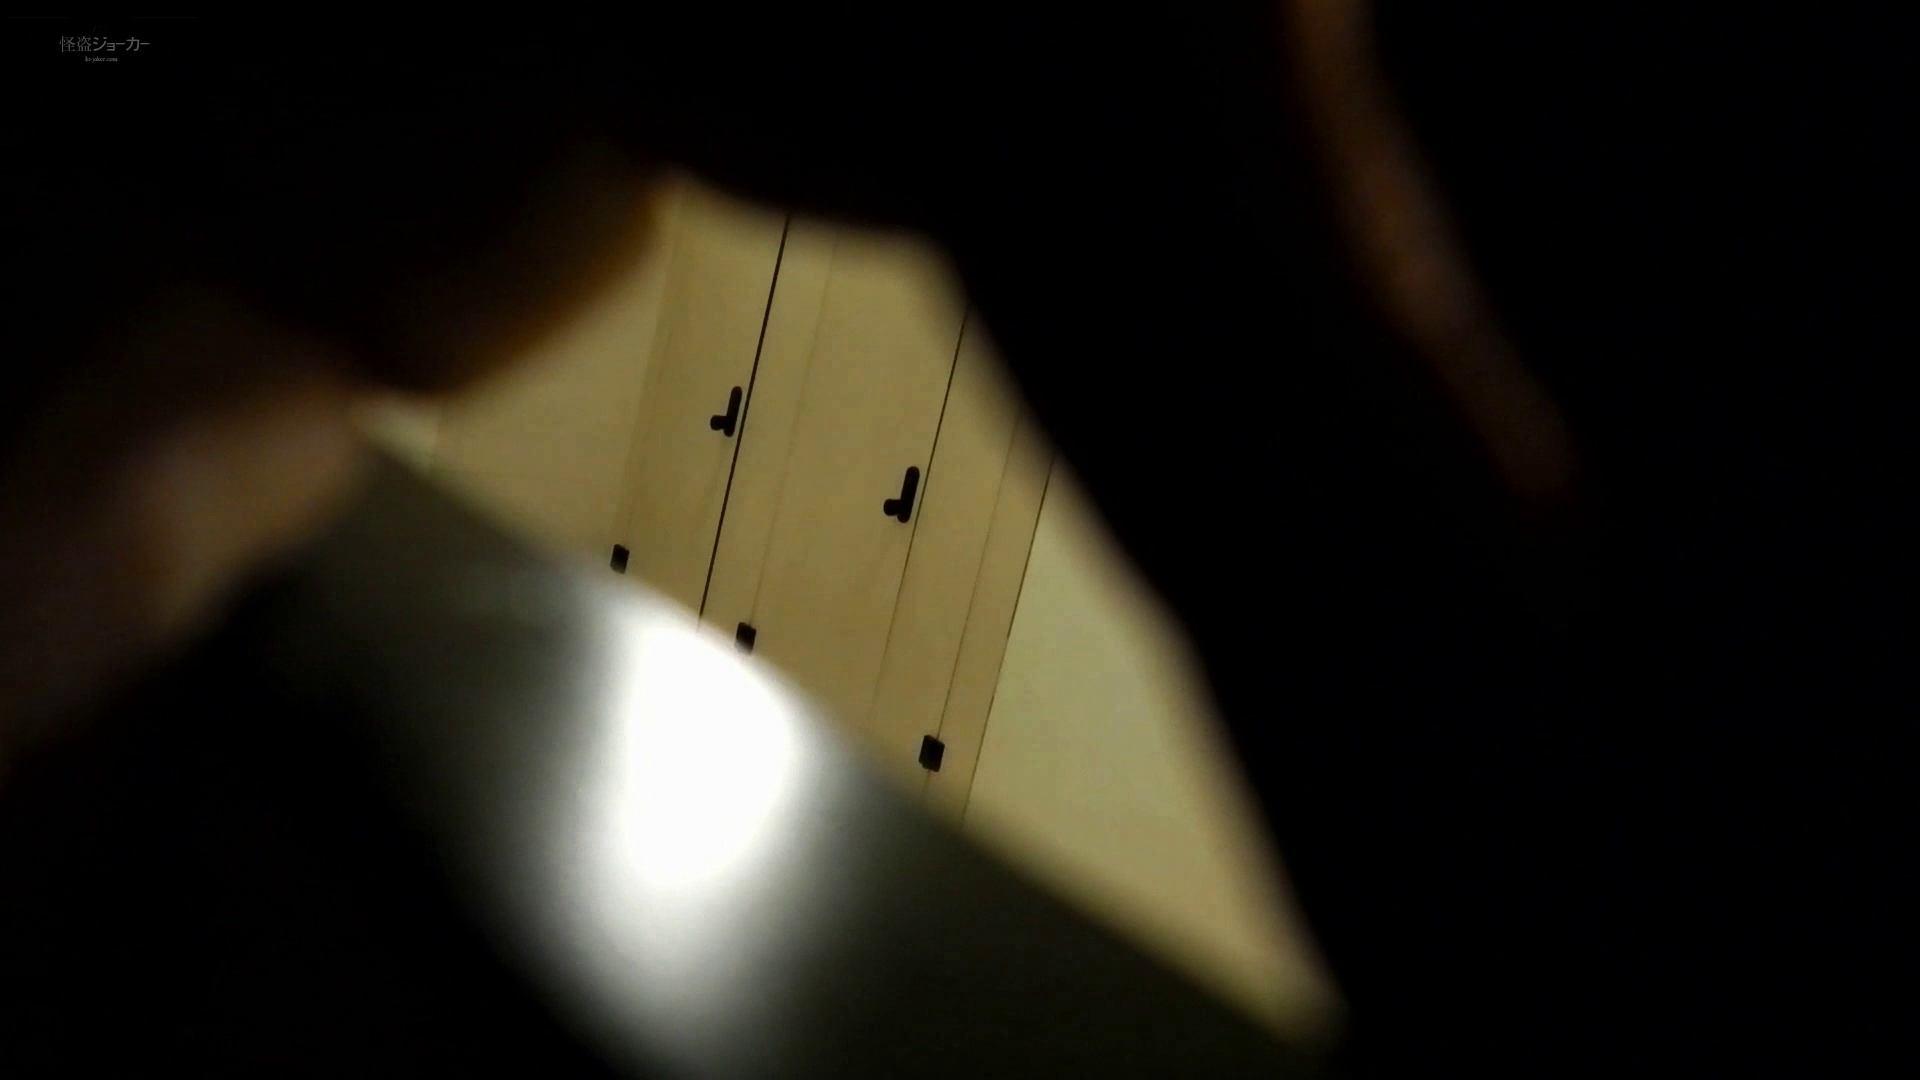 新世界の射窓 No64日本ギャル登場か?ハイヒール大特集! ギャル攻め オメコ動画キャプチャ 86画像 32